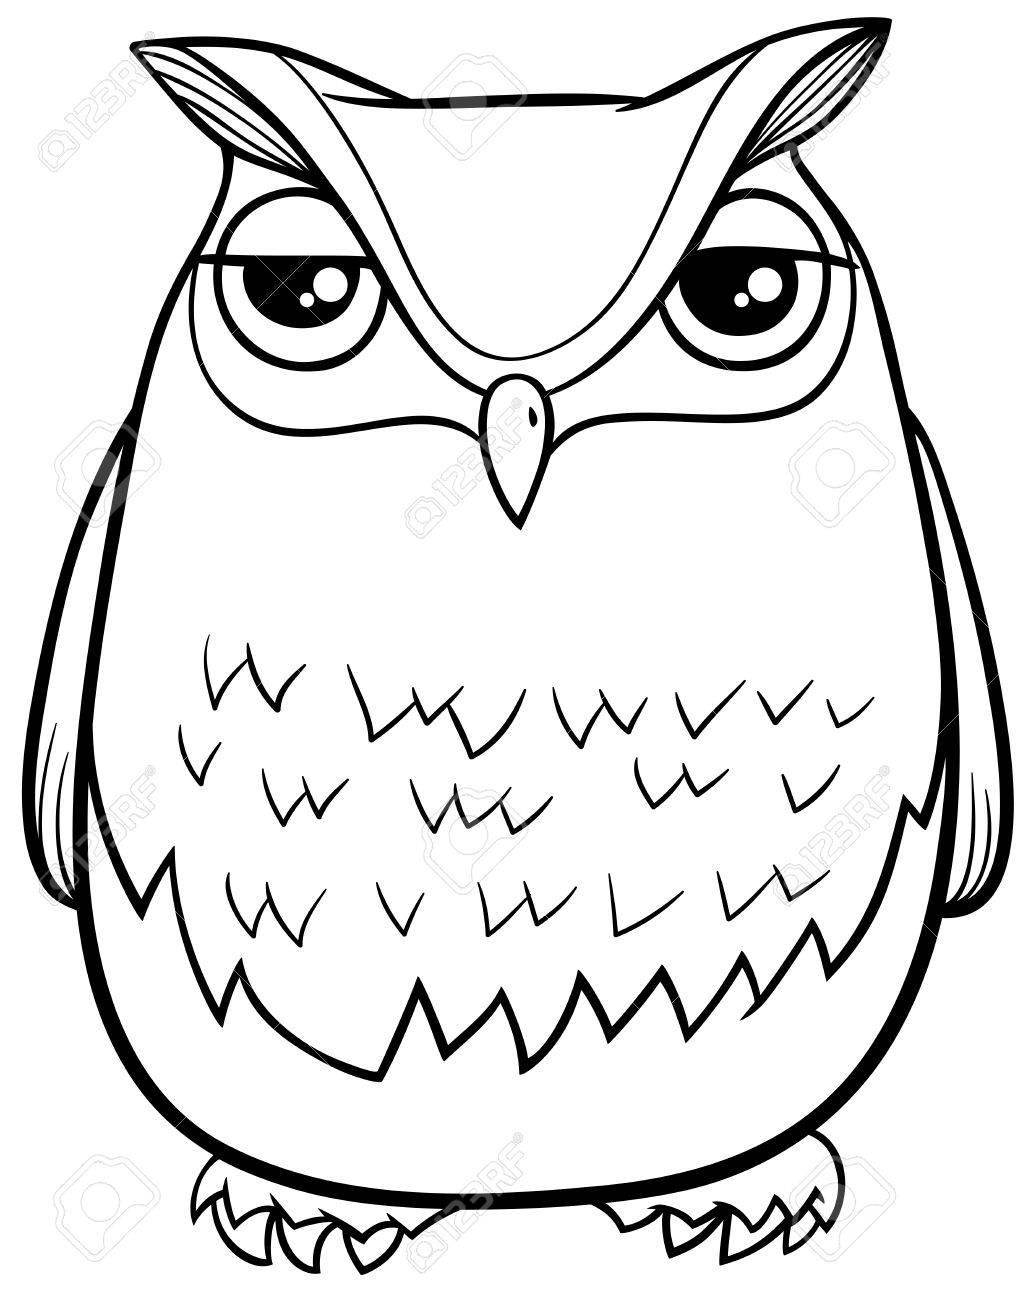 面白いフクロウ鳥動物キャラクターぬりえページの白黒漫画イラスト